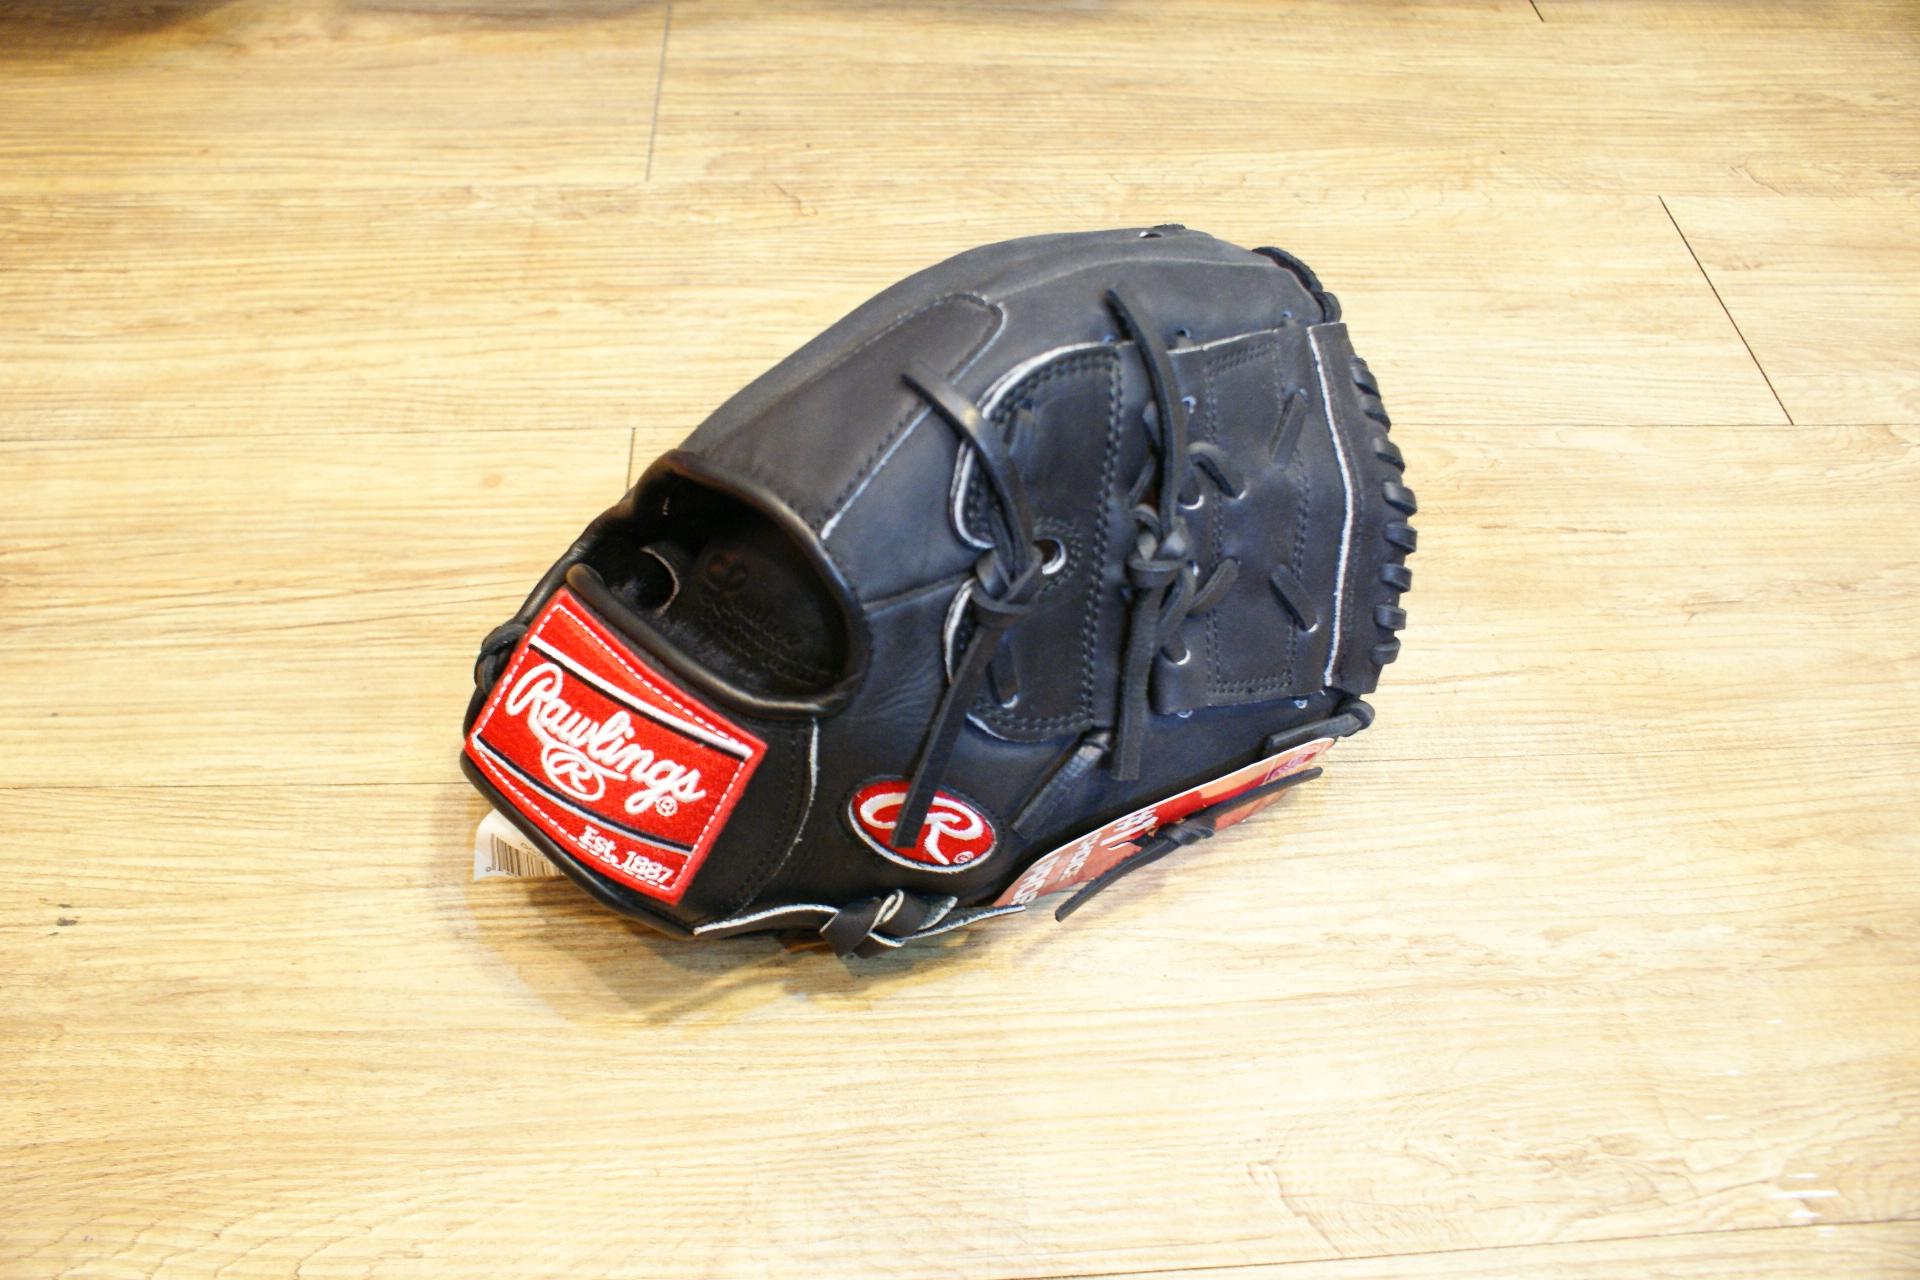 棒球世界全新 Rawlings Gold Glove 金手套系列 GG209 11.5 棒壘球手套 特價